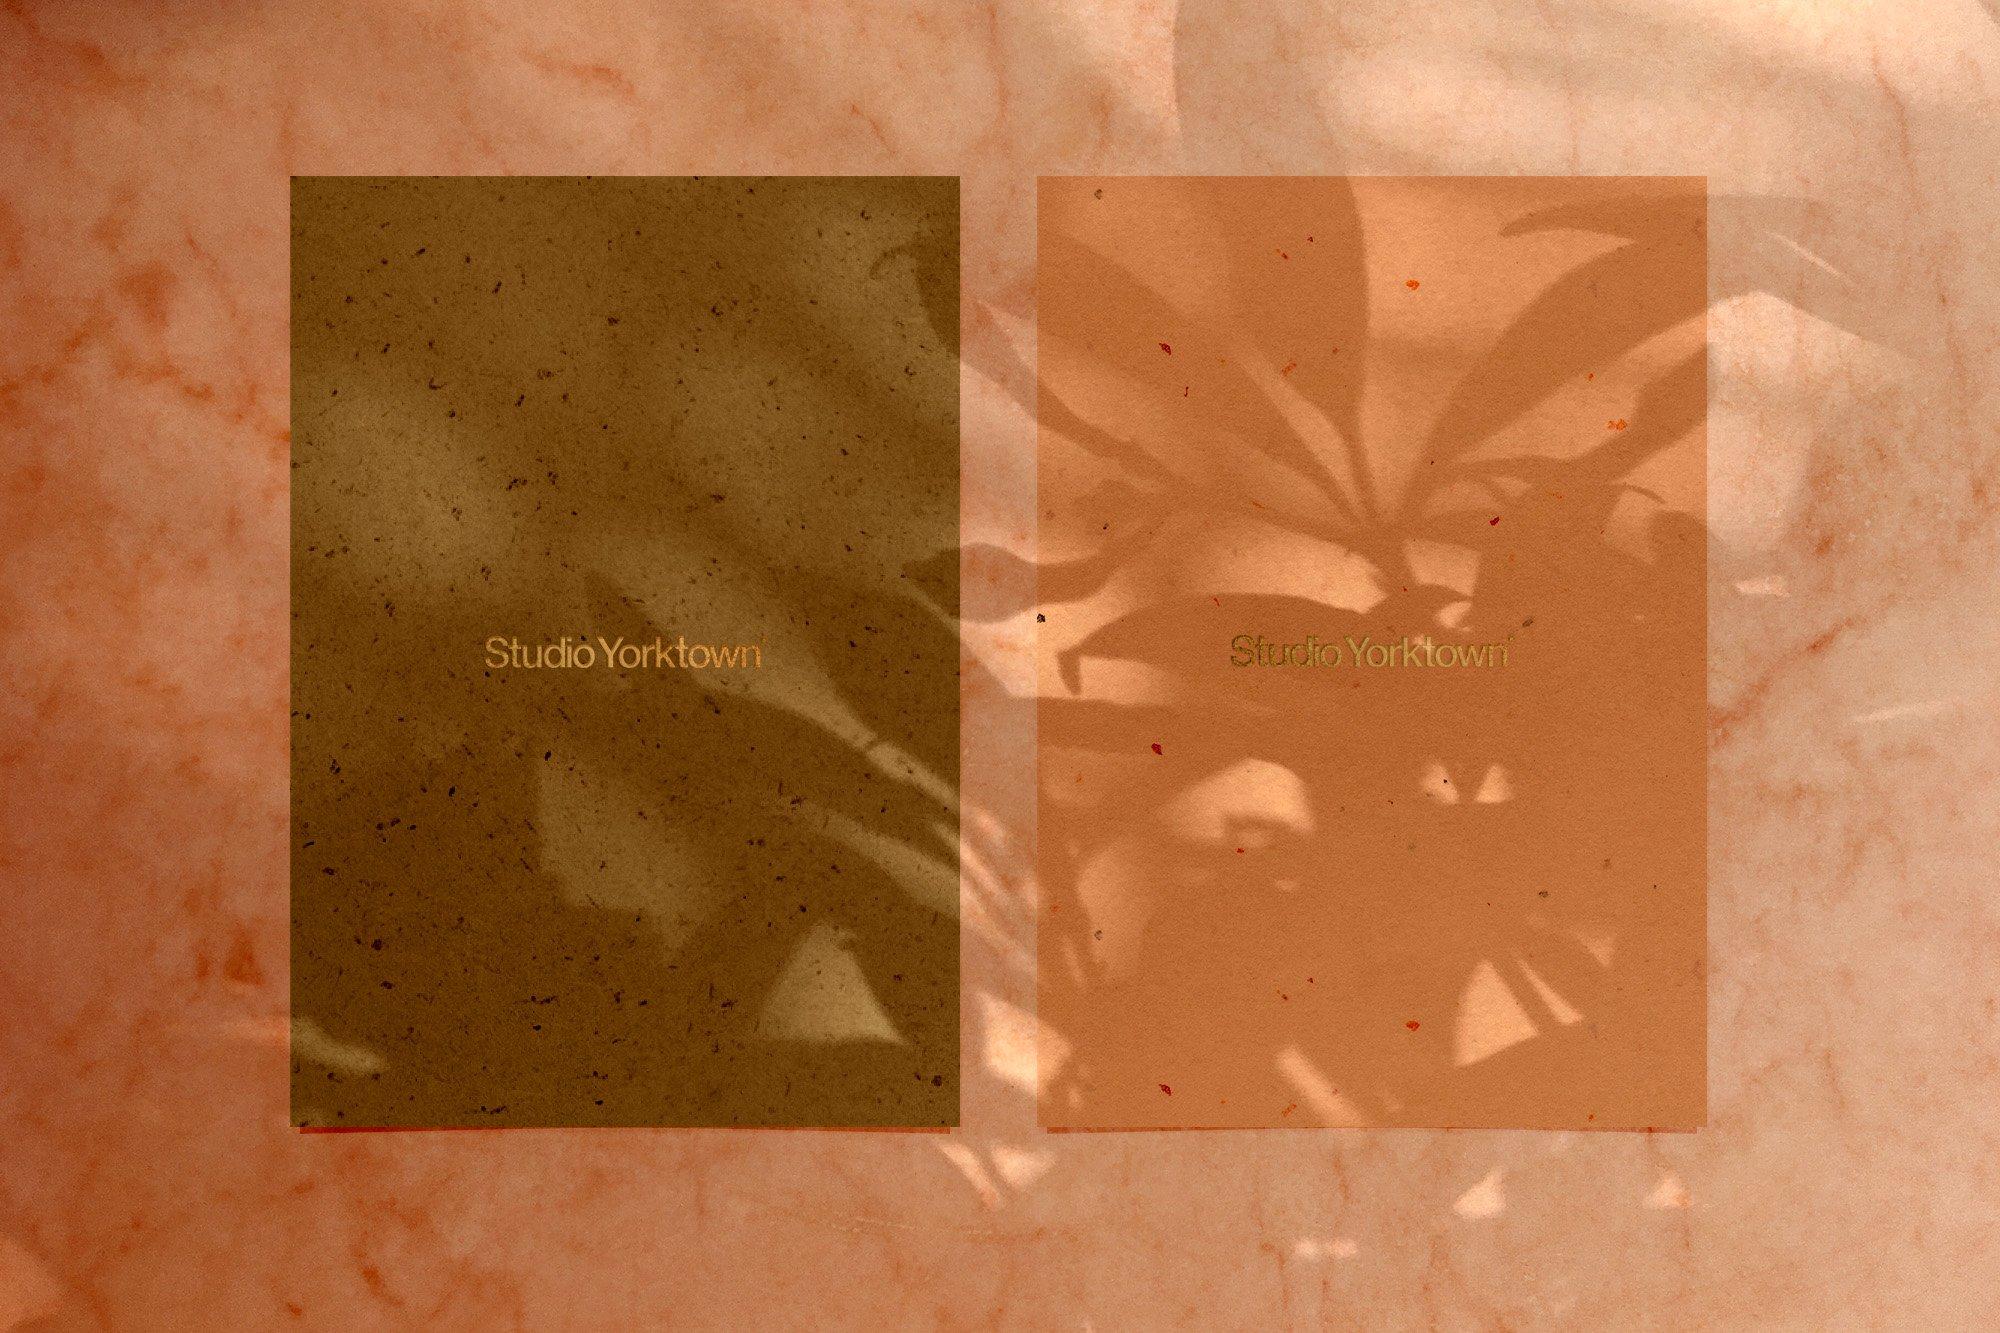 [淘宝购买] 15款高清植物阴影叠加PNG透明免抠图片素材 Madara – Botanical Shadow Overlays插图(11)